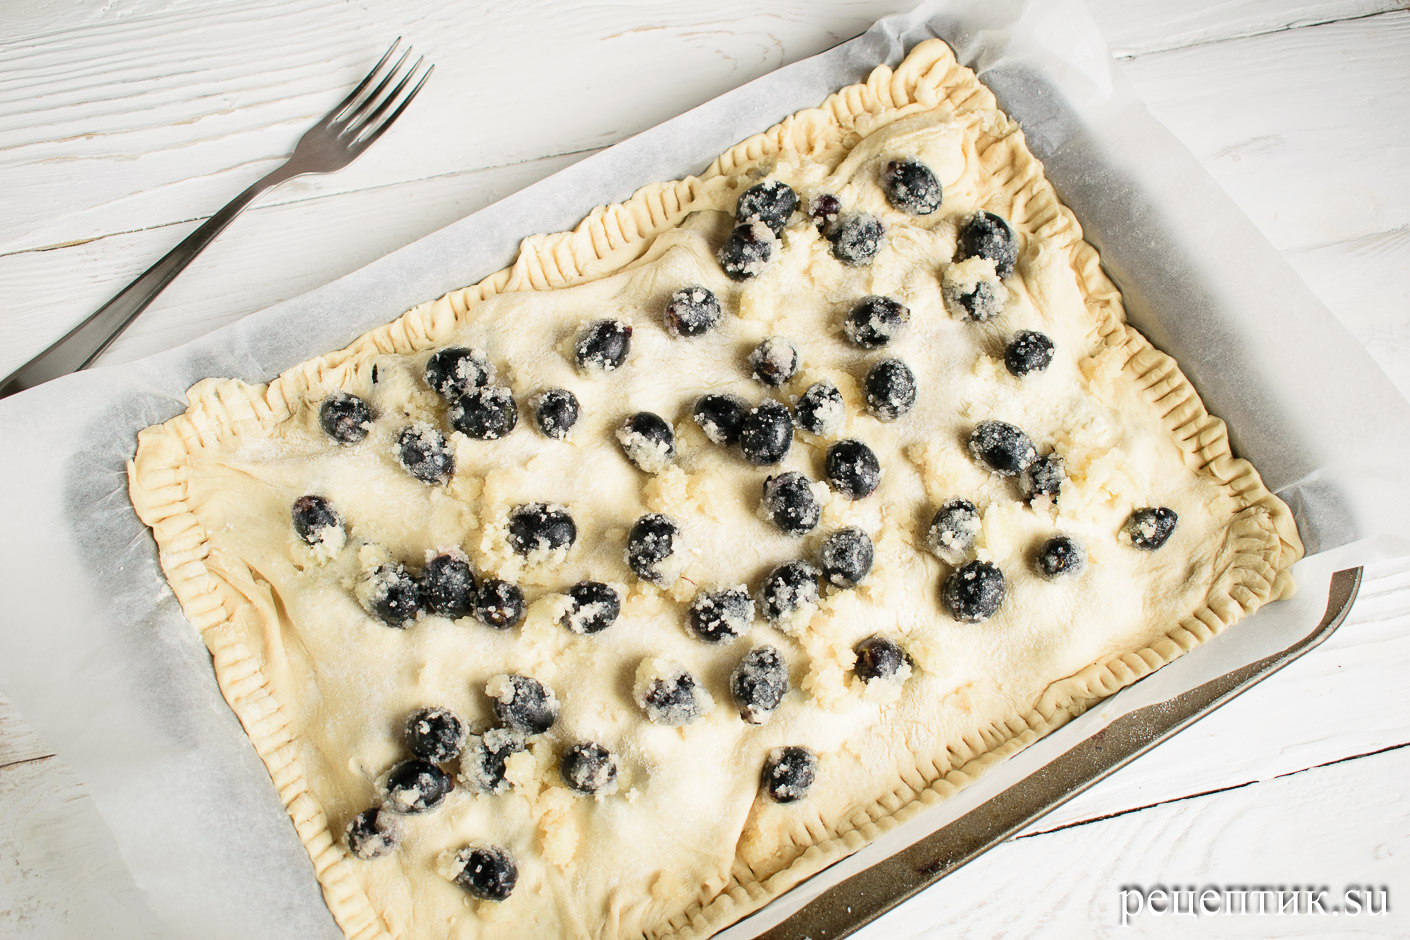 Скьяччата с виноградом — традиционный тосканский пирог - рецепт с фото, шаг 7